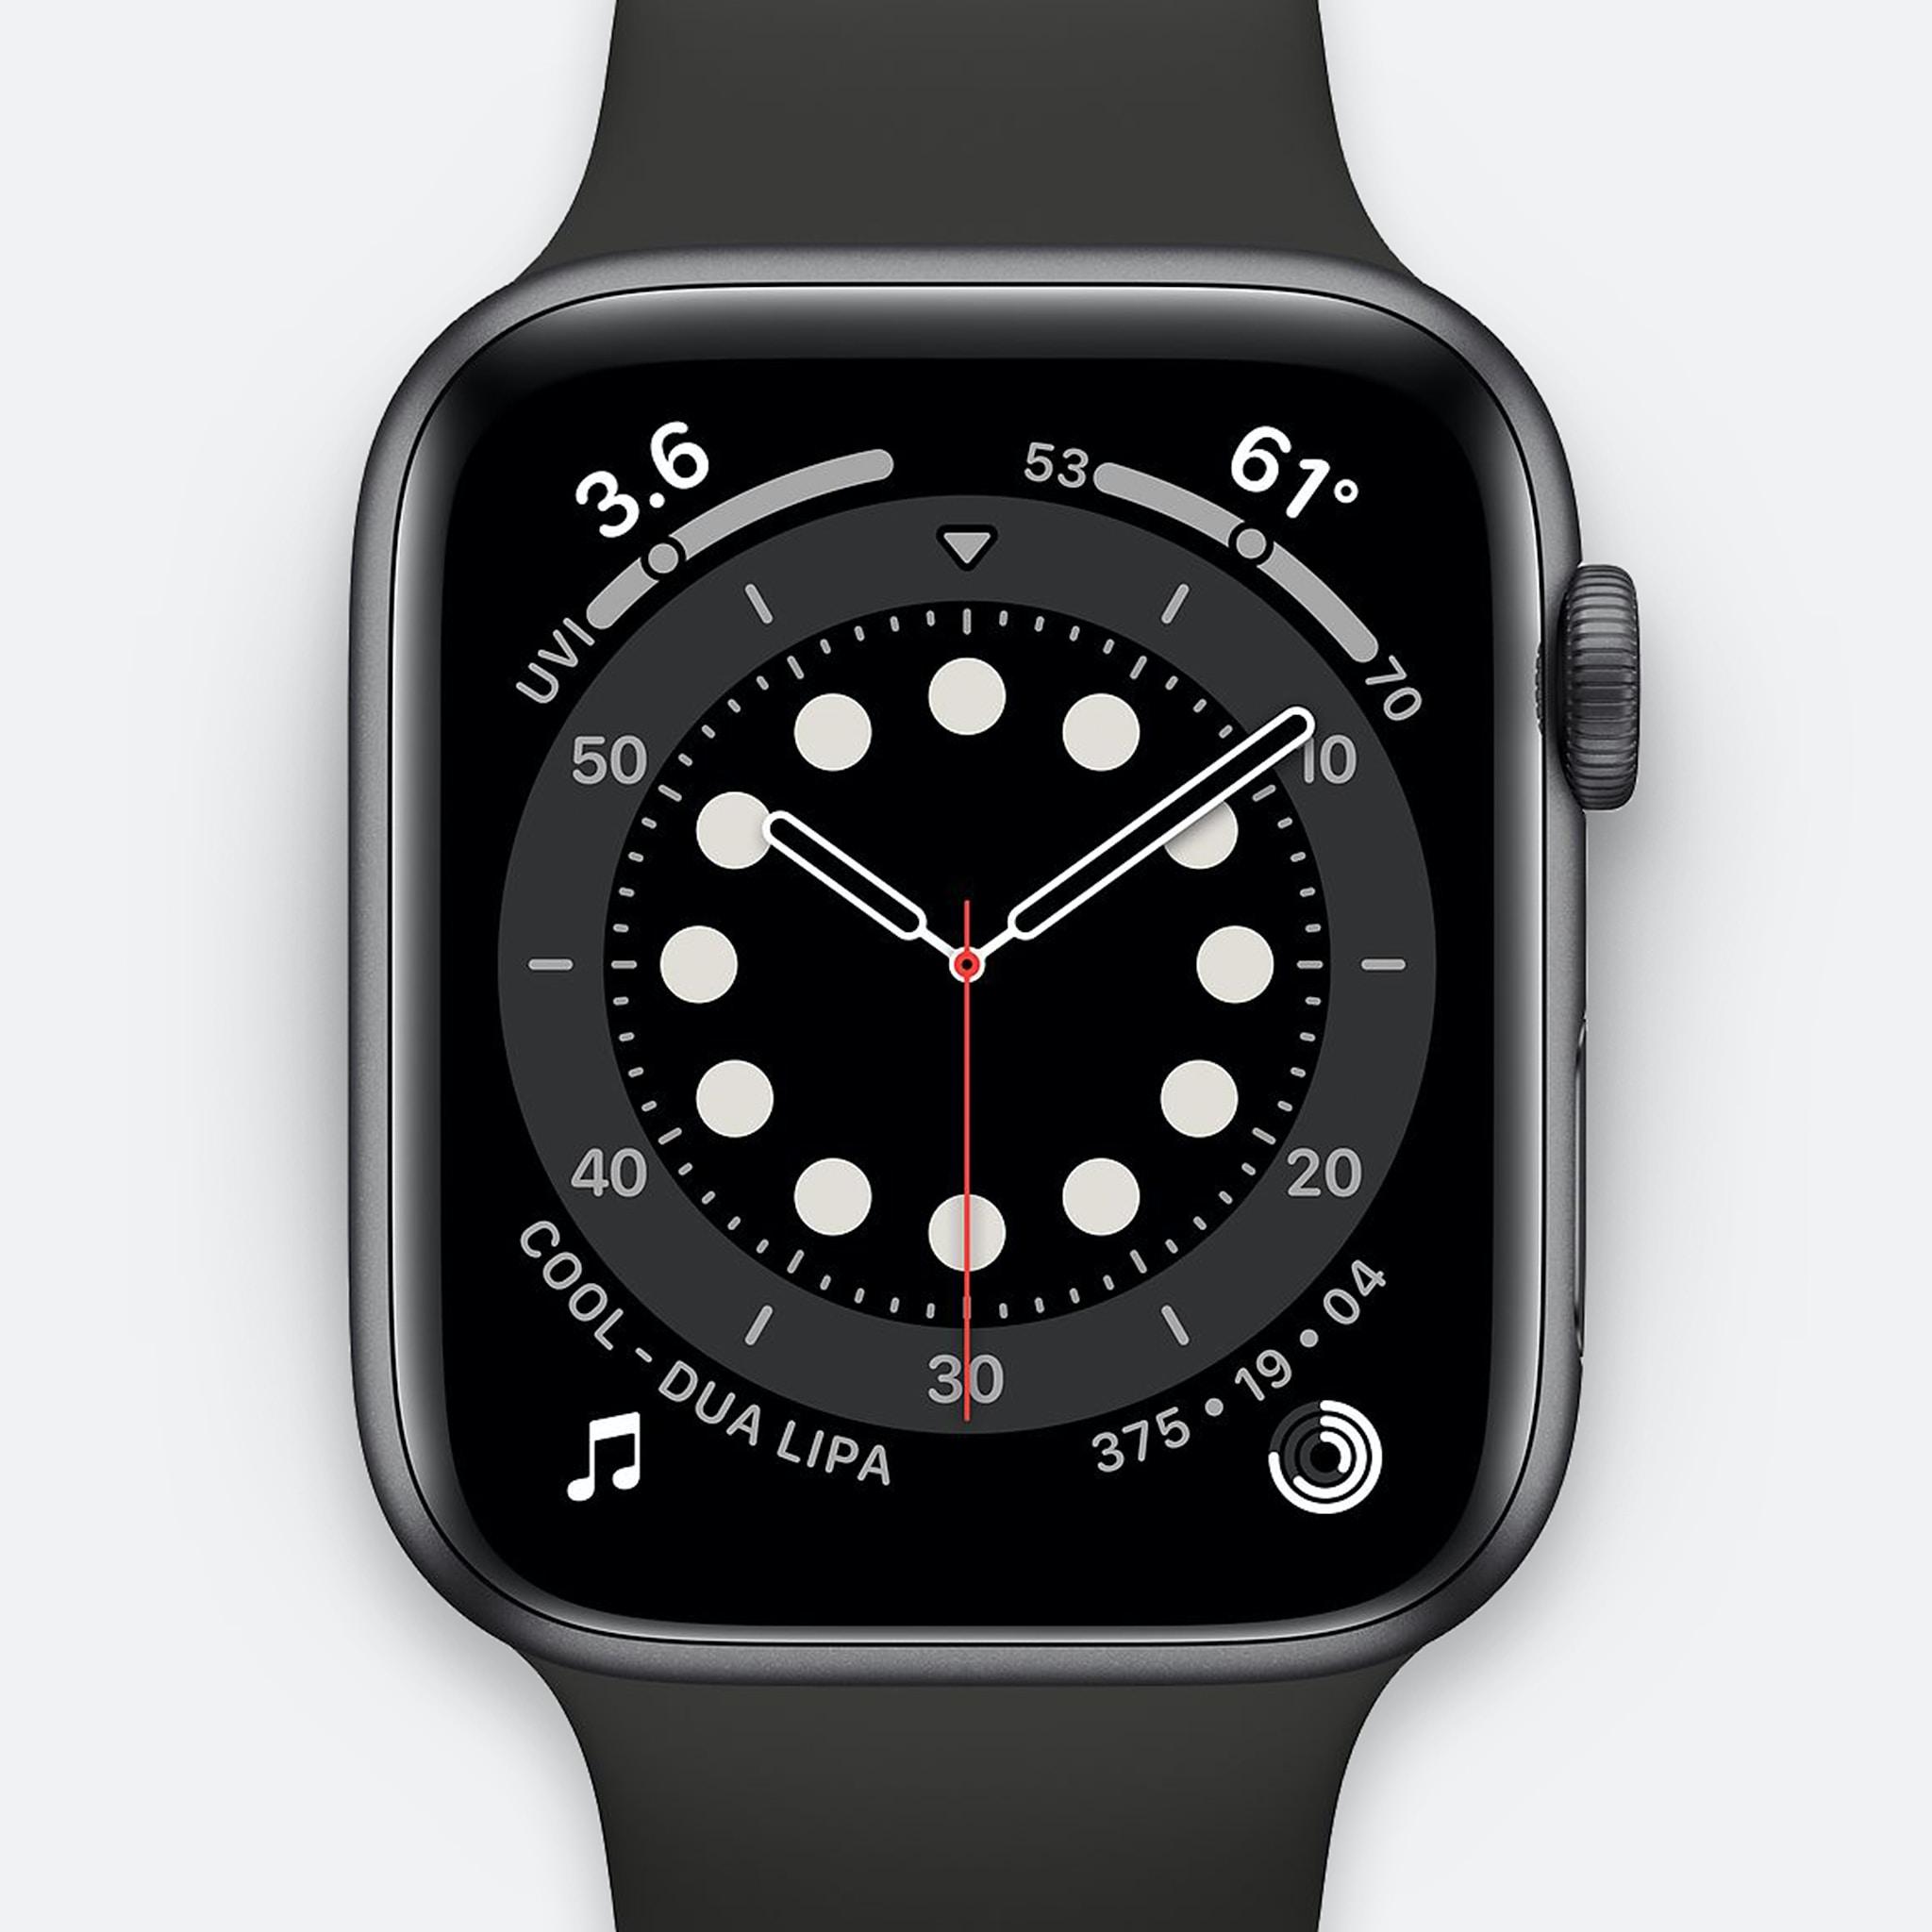 ساعة ابل الاصدار 6 جي بي اس + شبكة خلوية، 44 ملم - هيكل من الالومنيوم الرمادي الكوني مع سوار رياضي باللون الاسود موديل عادي